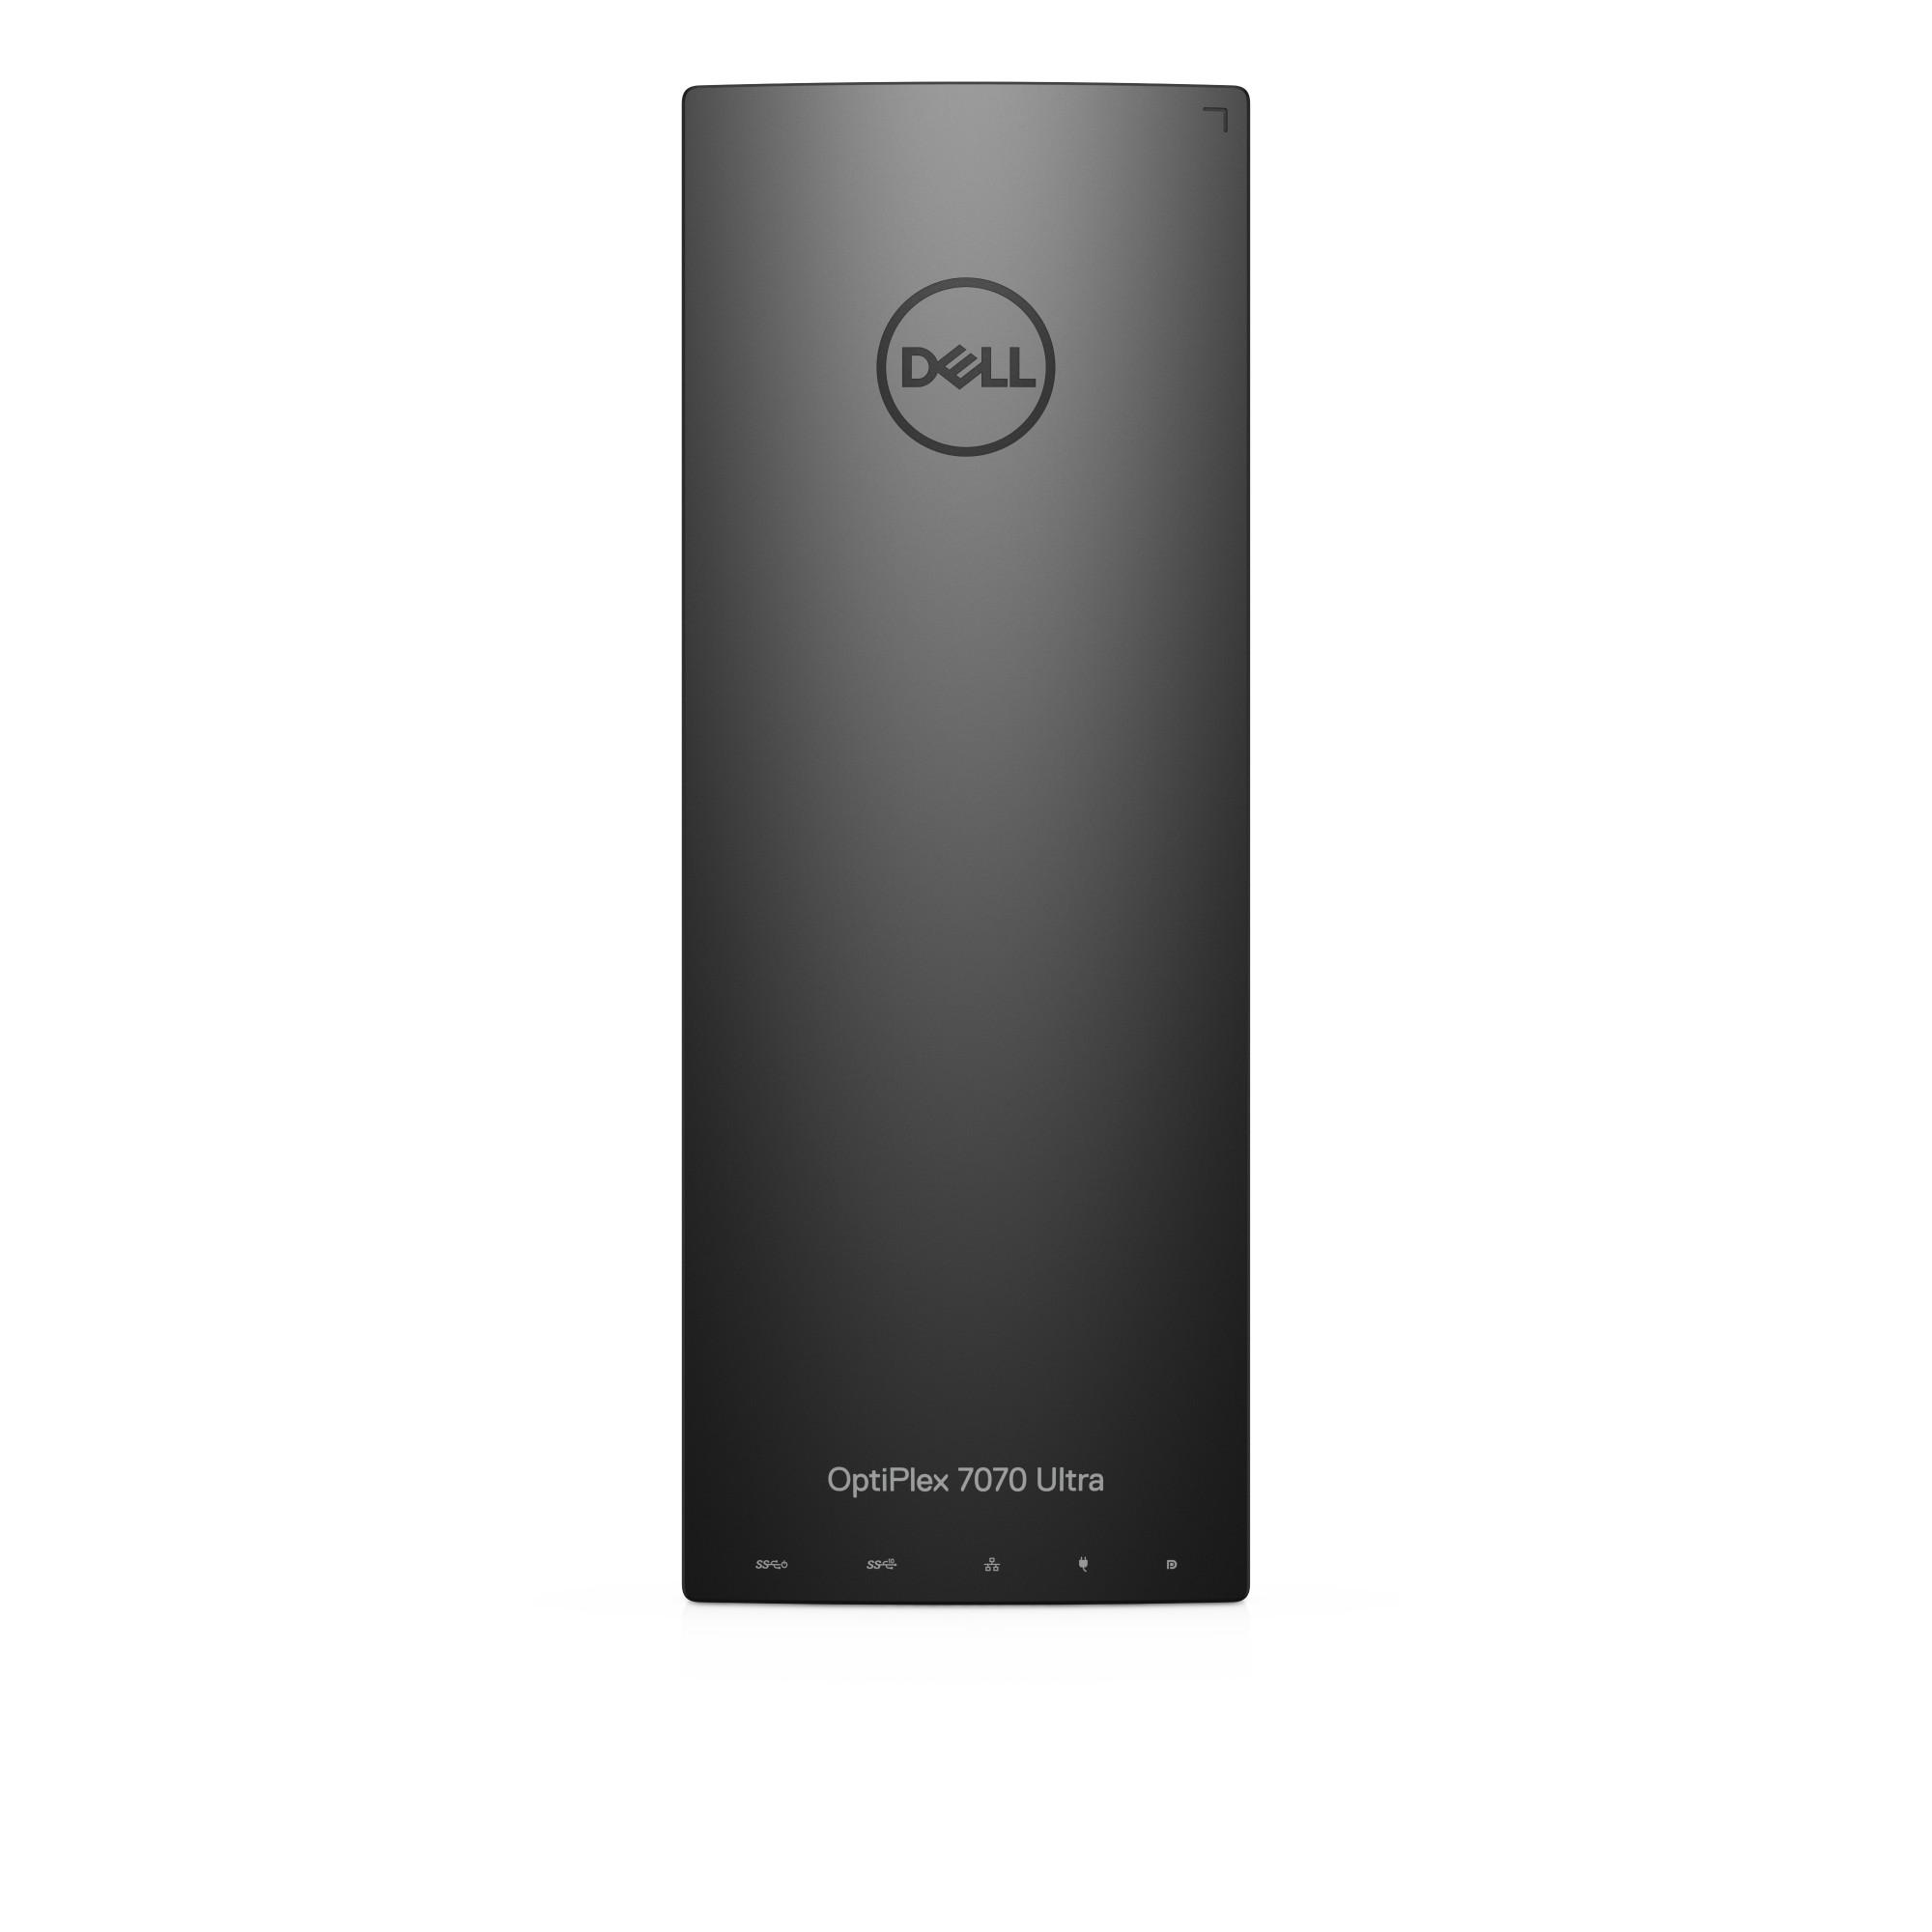 DELL OptiPlex 7070 8th gen Intel® Core™ i3 i3-8145U 4 GB DDR4-SDRAM 500 GB HDD UFF Black Mini PC Windows 10 Pro